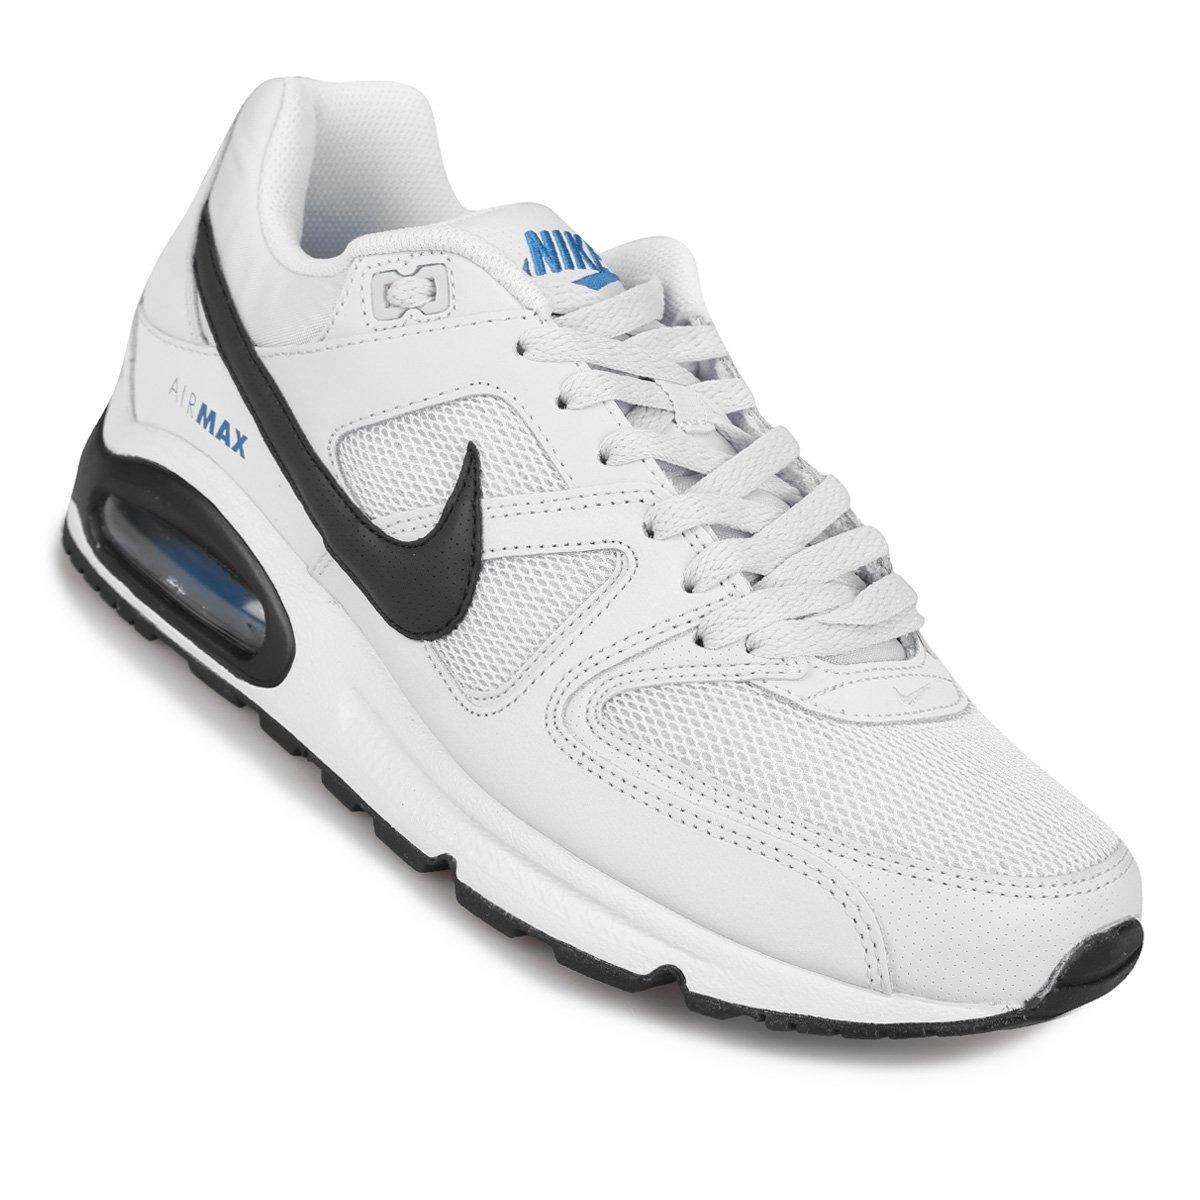 70362bcf Zapatilla Nike Air Max Command 629993 033 - $ 3.999,00 en Mercado Libre